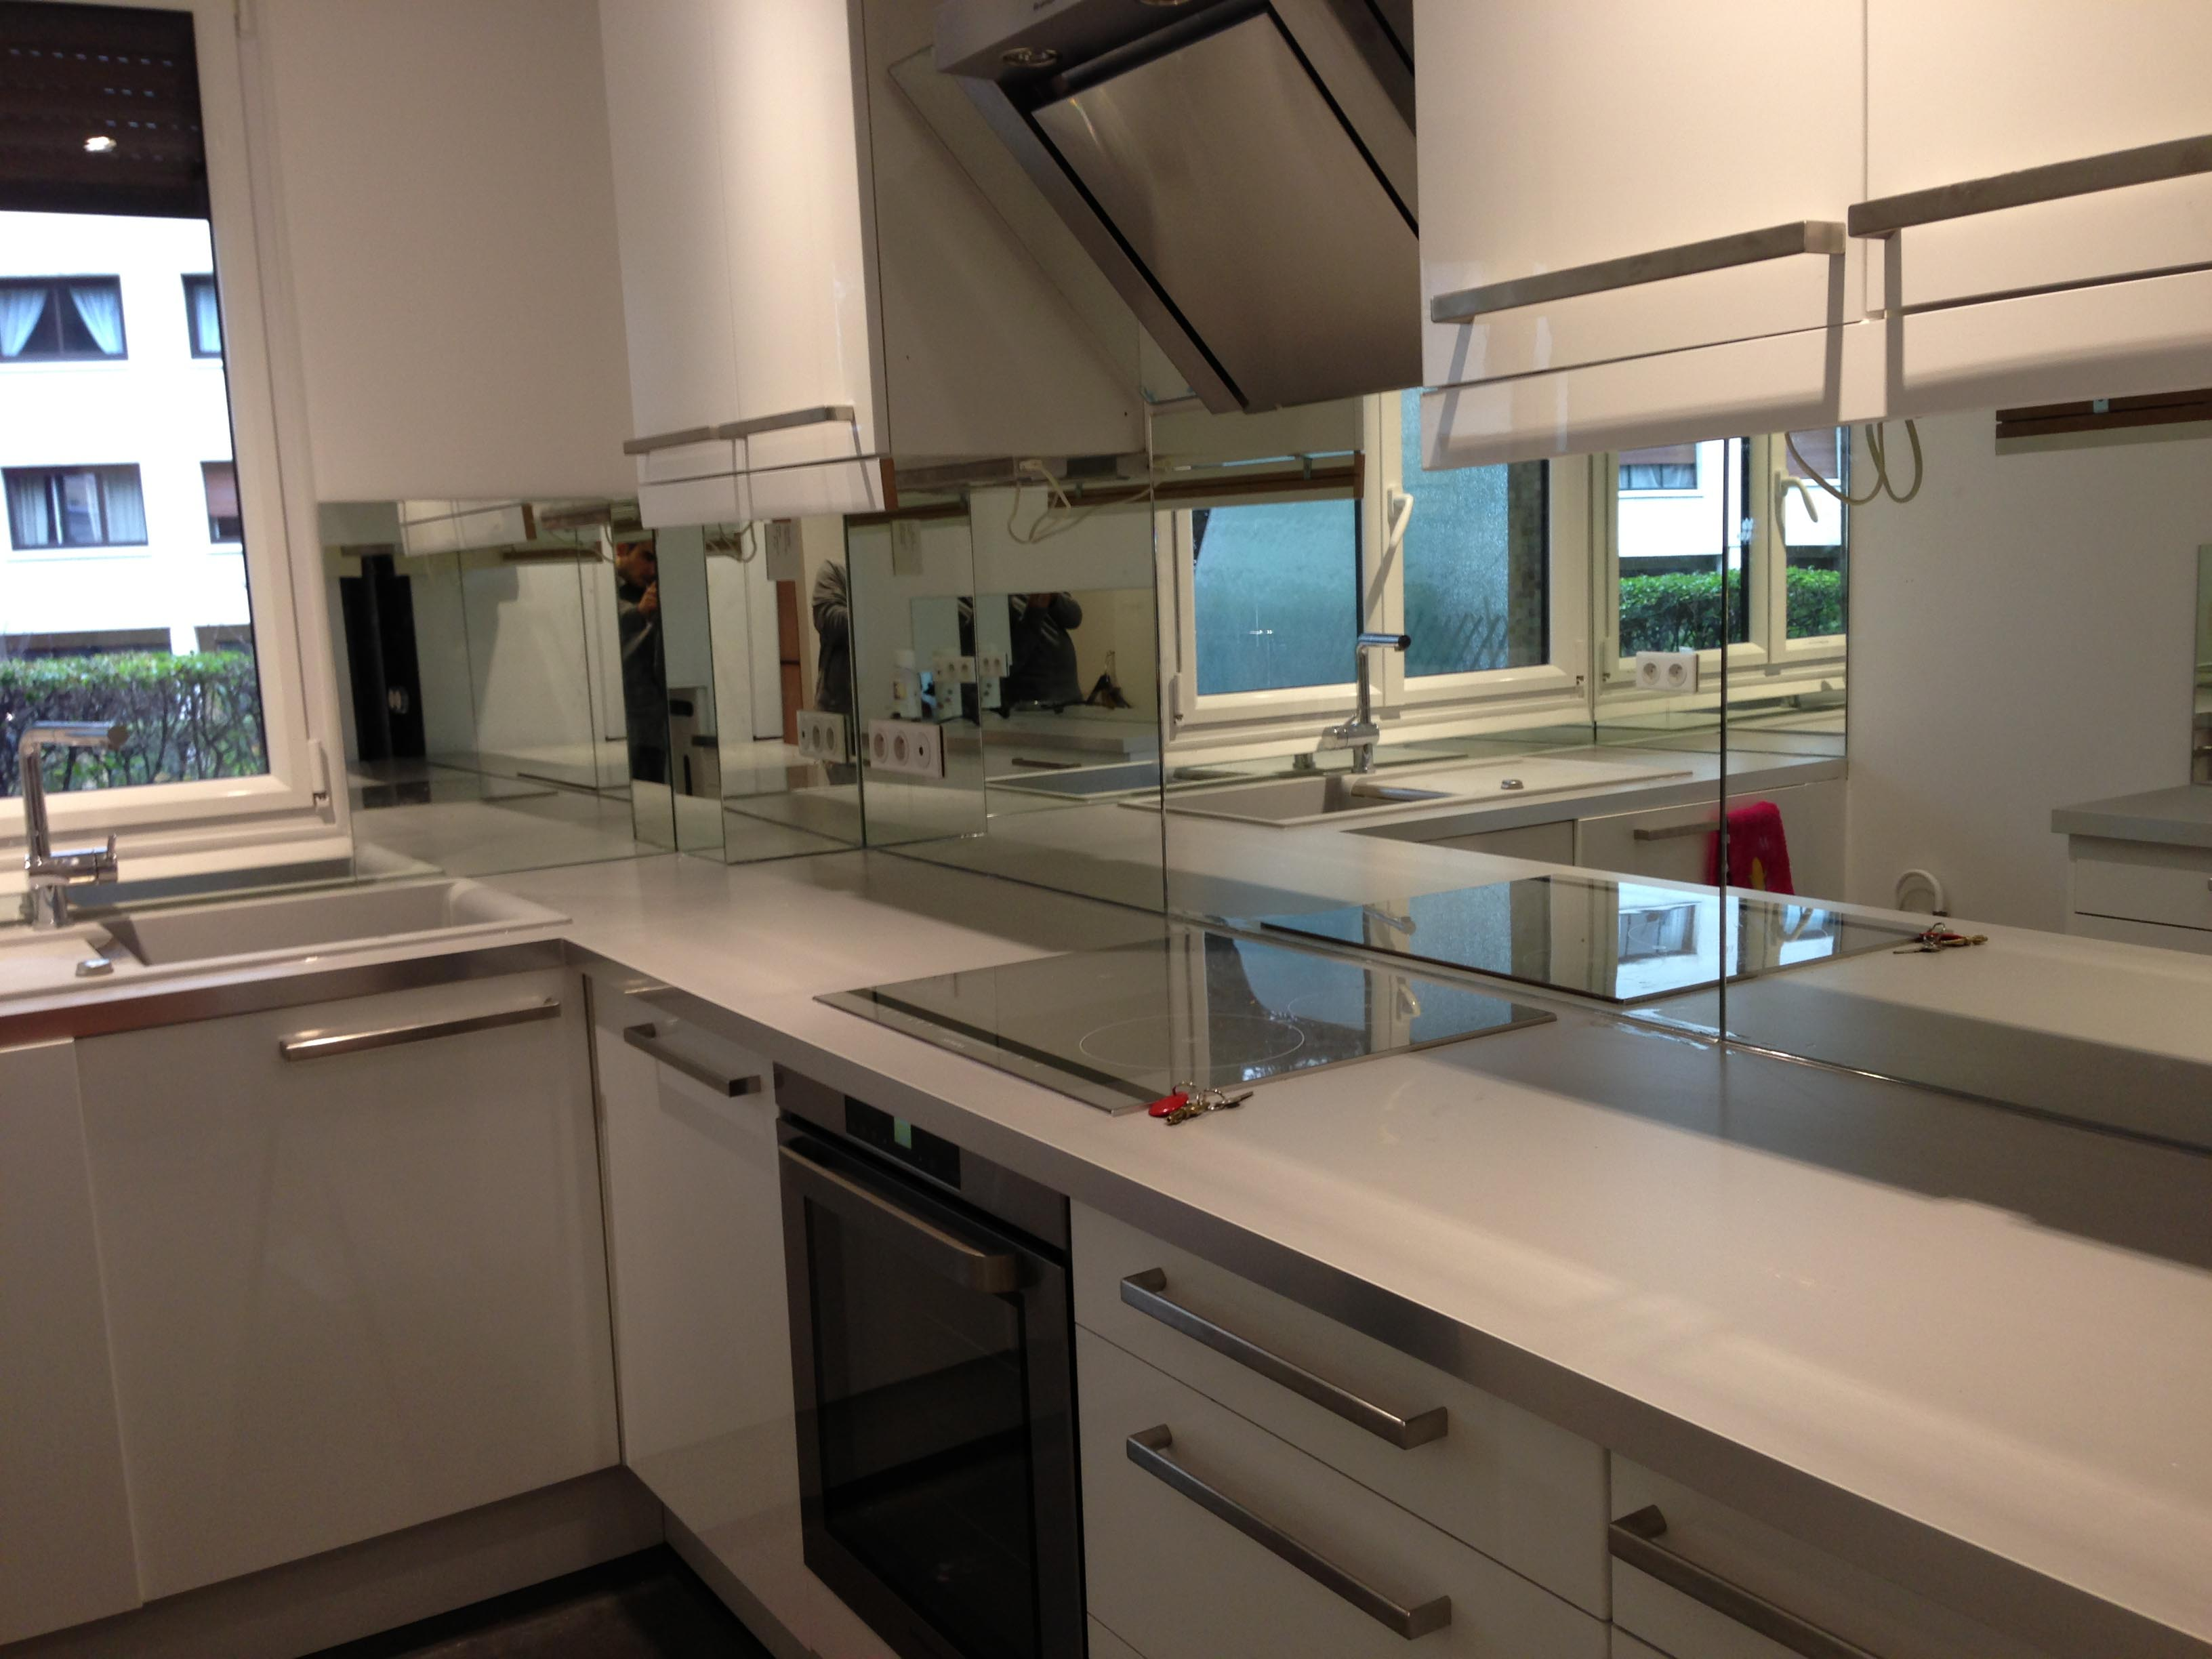 Mettre Un Miroir Dans Une Cuisine crédence miroir sur mesure pour votre cuisine